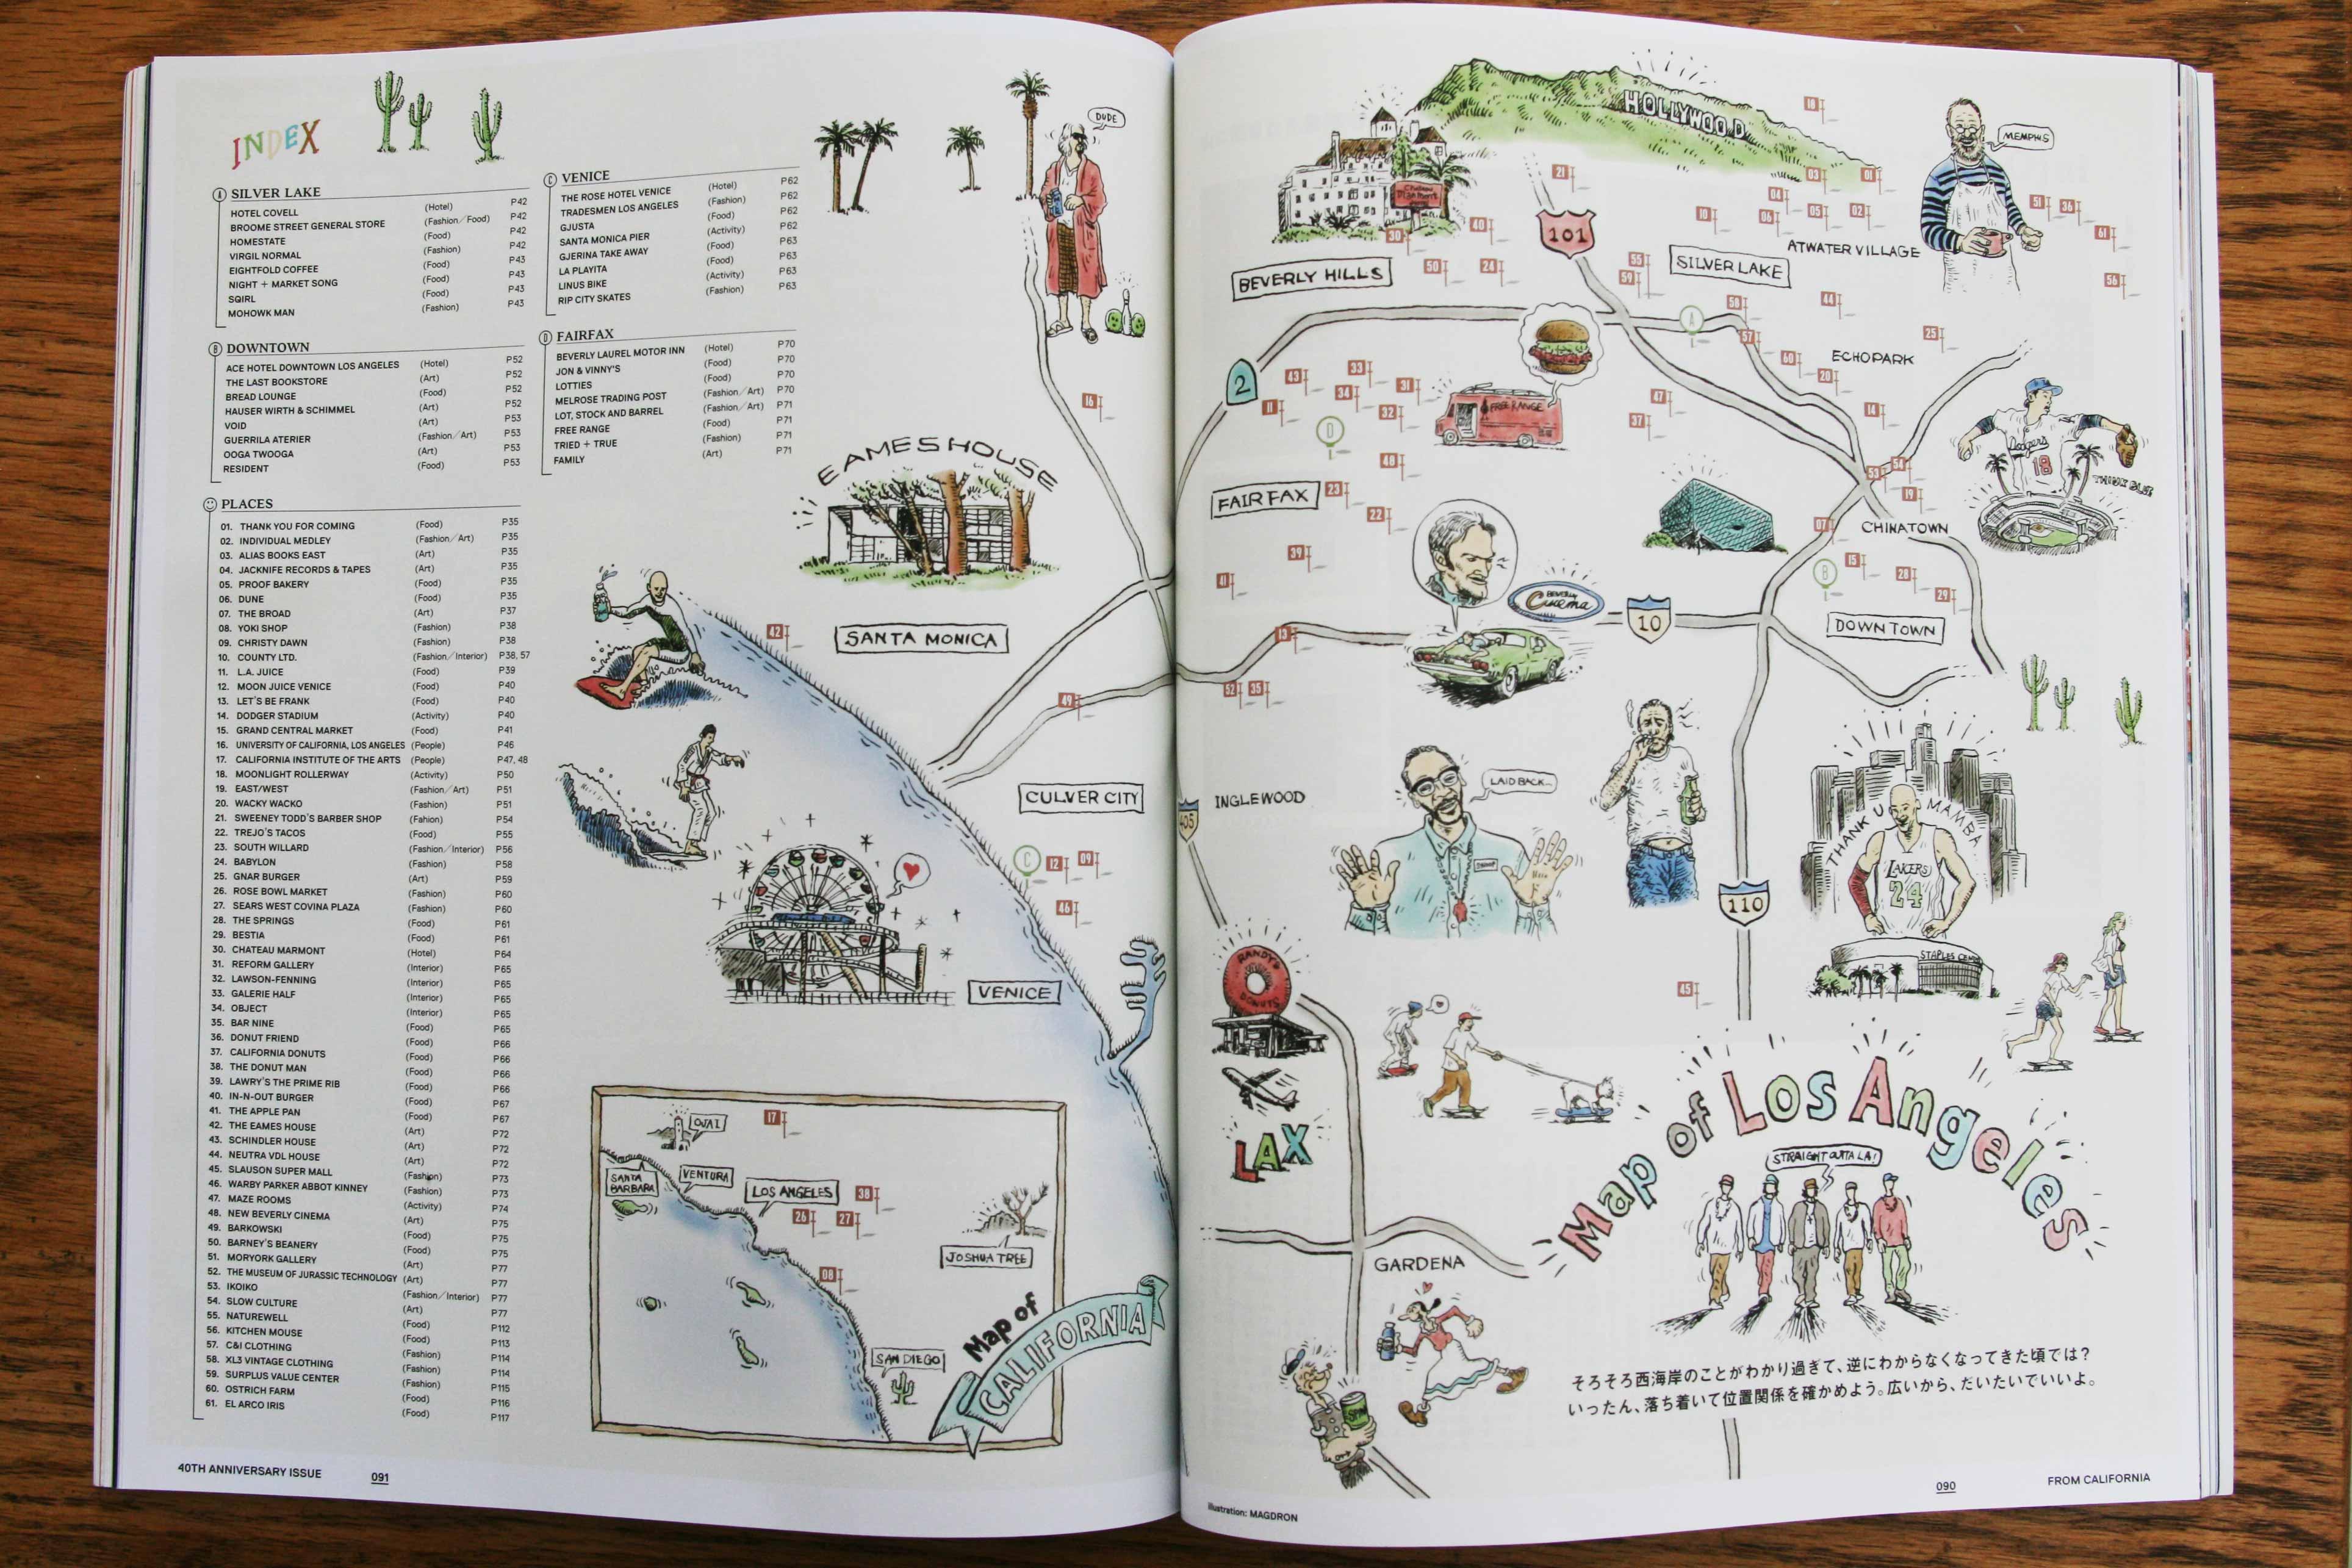 popeye-japan-los-angeles-map_4551